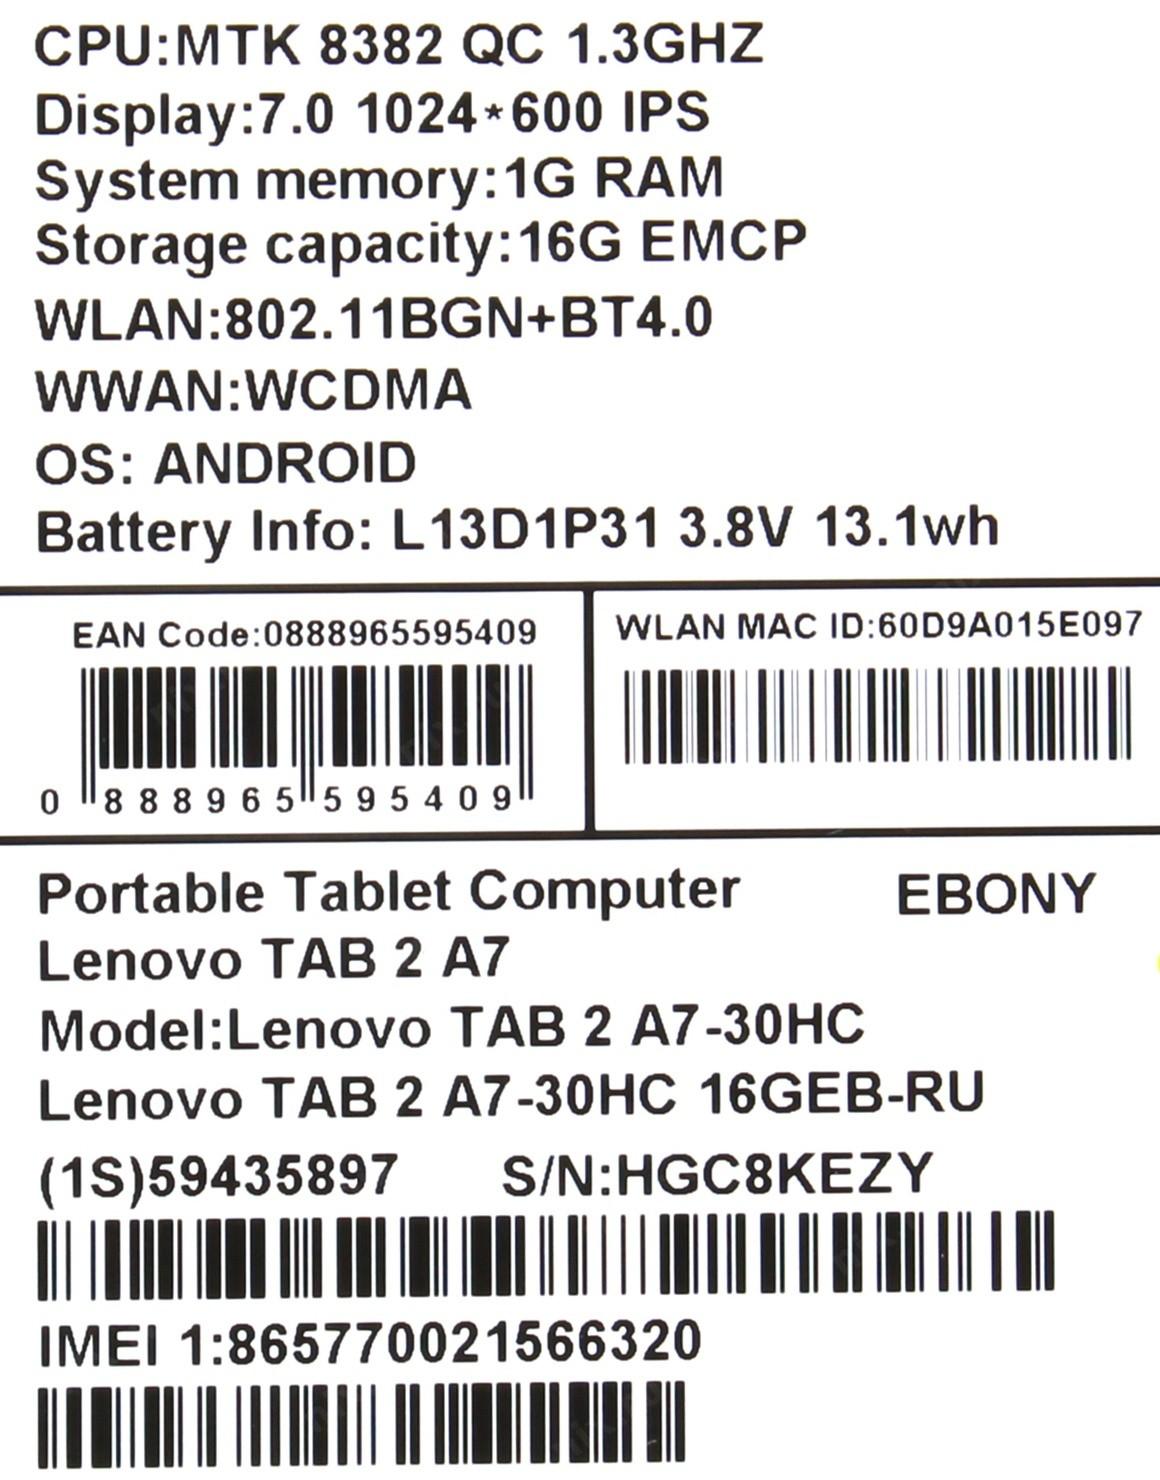 ПРаншет Lenovo TAB 2 A7 30 16 Гб WiFi 3G Черный — купить цена и характеристики отзывы